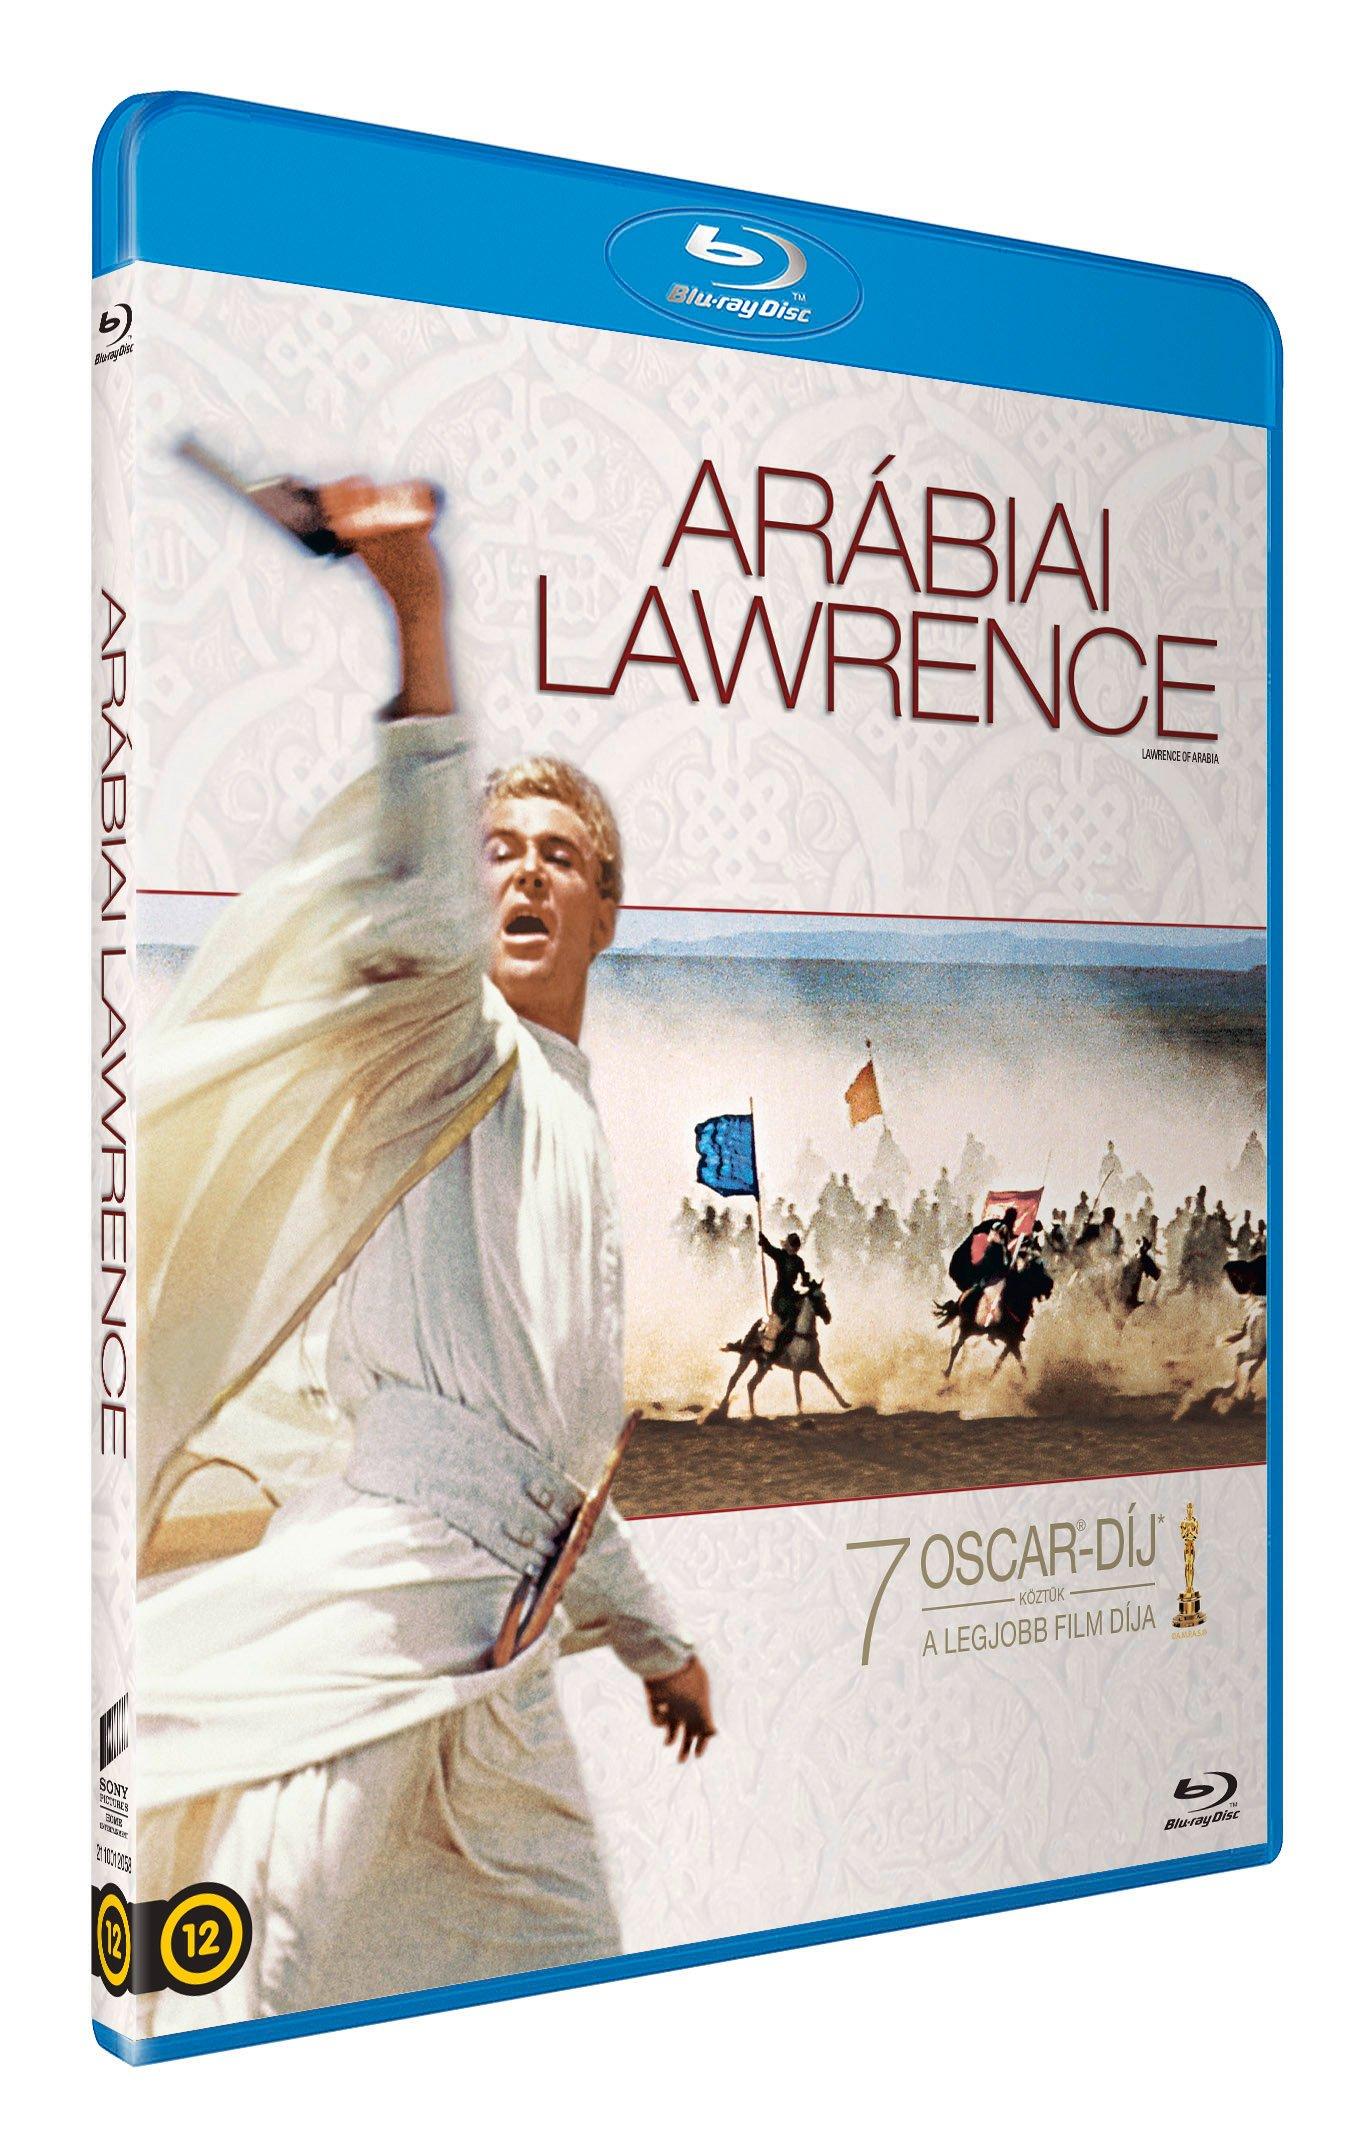 Arábiai Lawrence - Blu-Ray